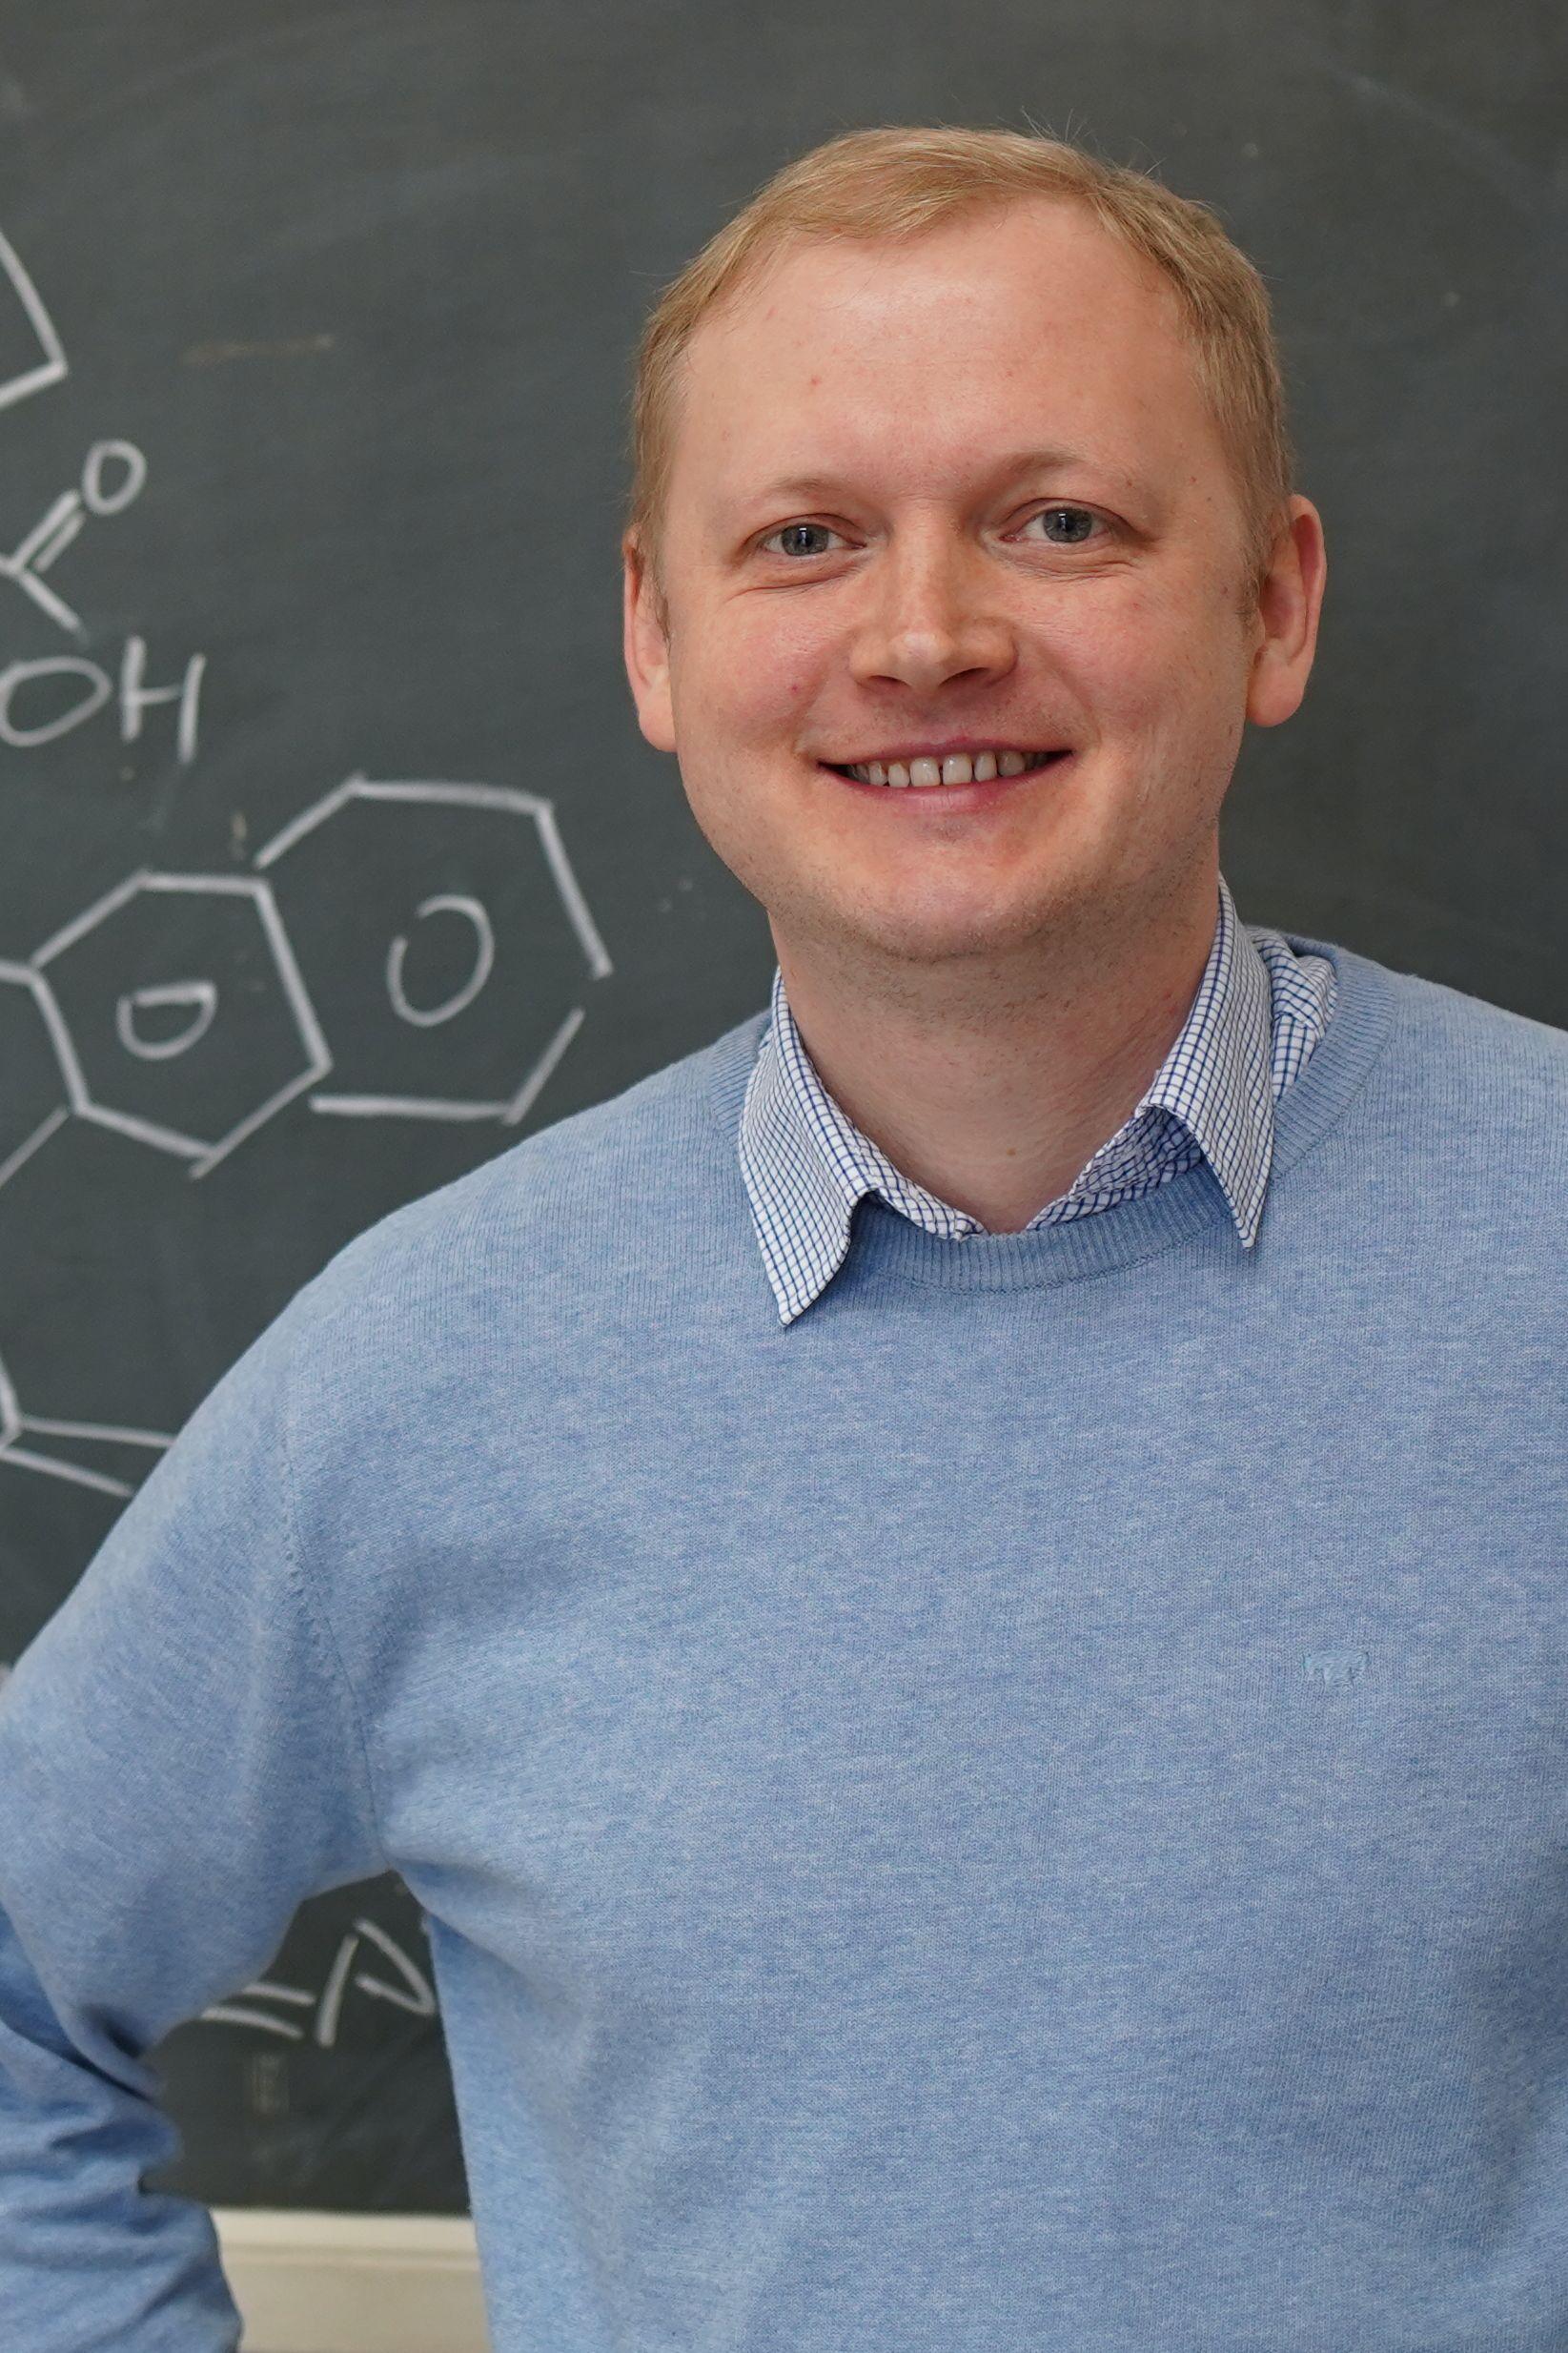 Evgeny Kataev